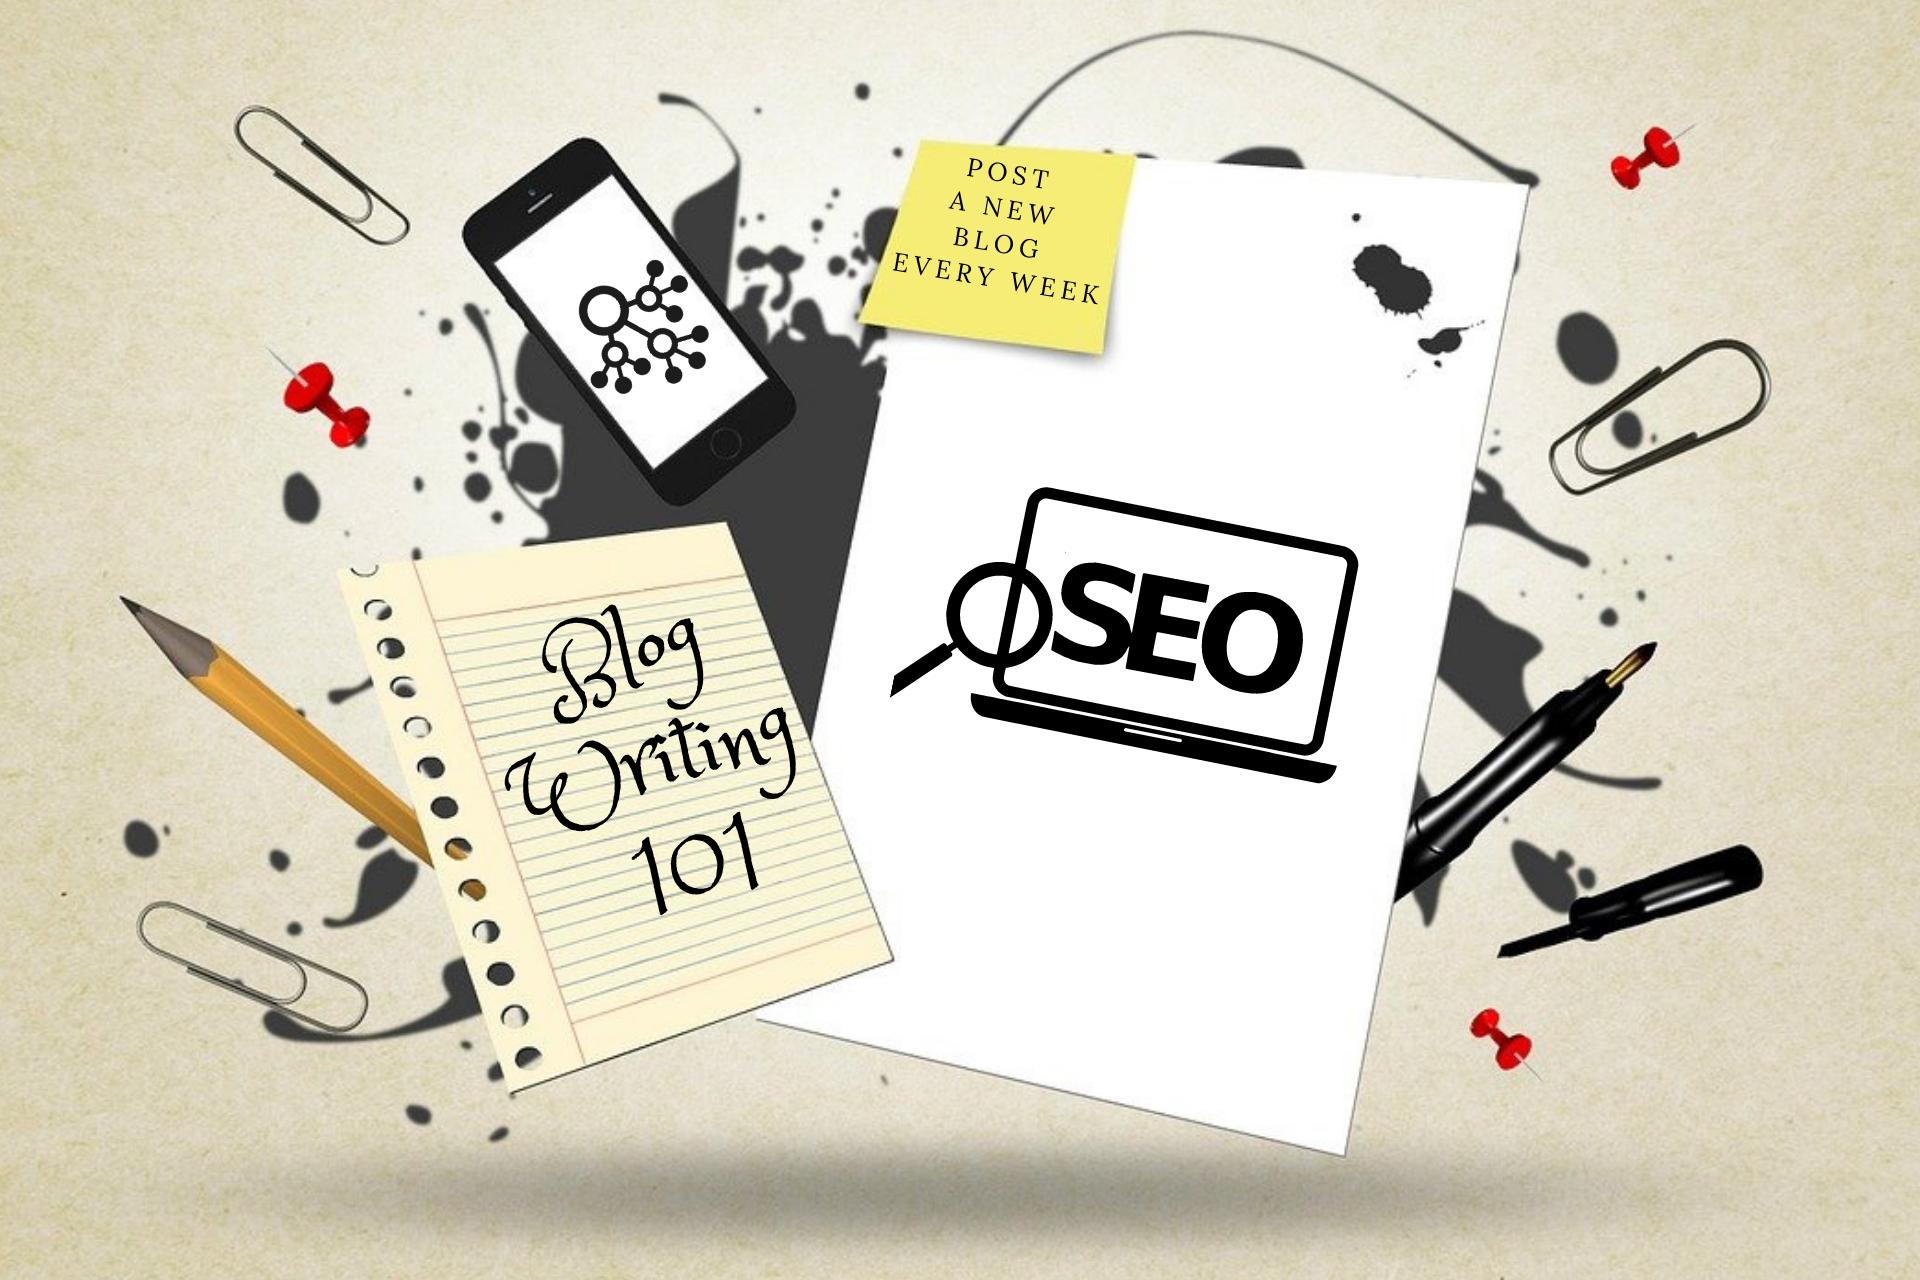 Paper displaying blog writing tips 101